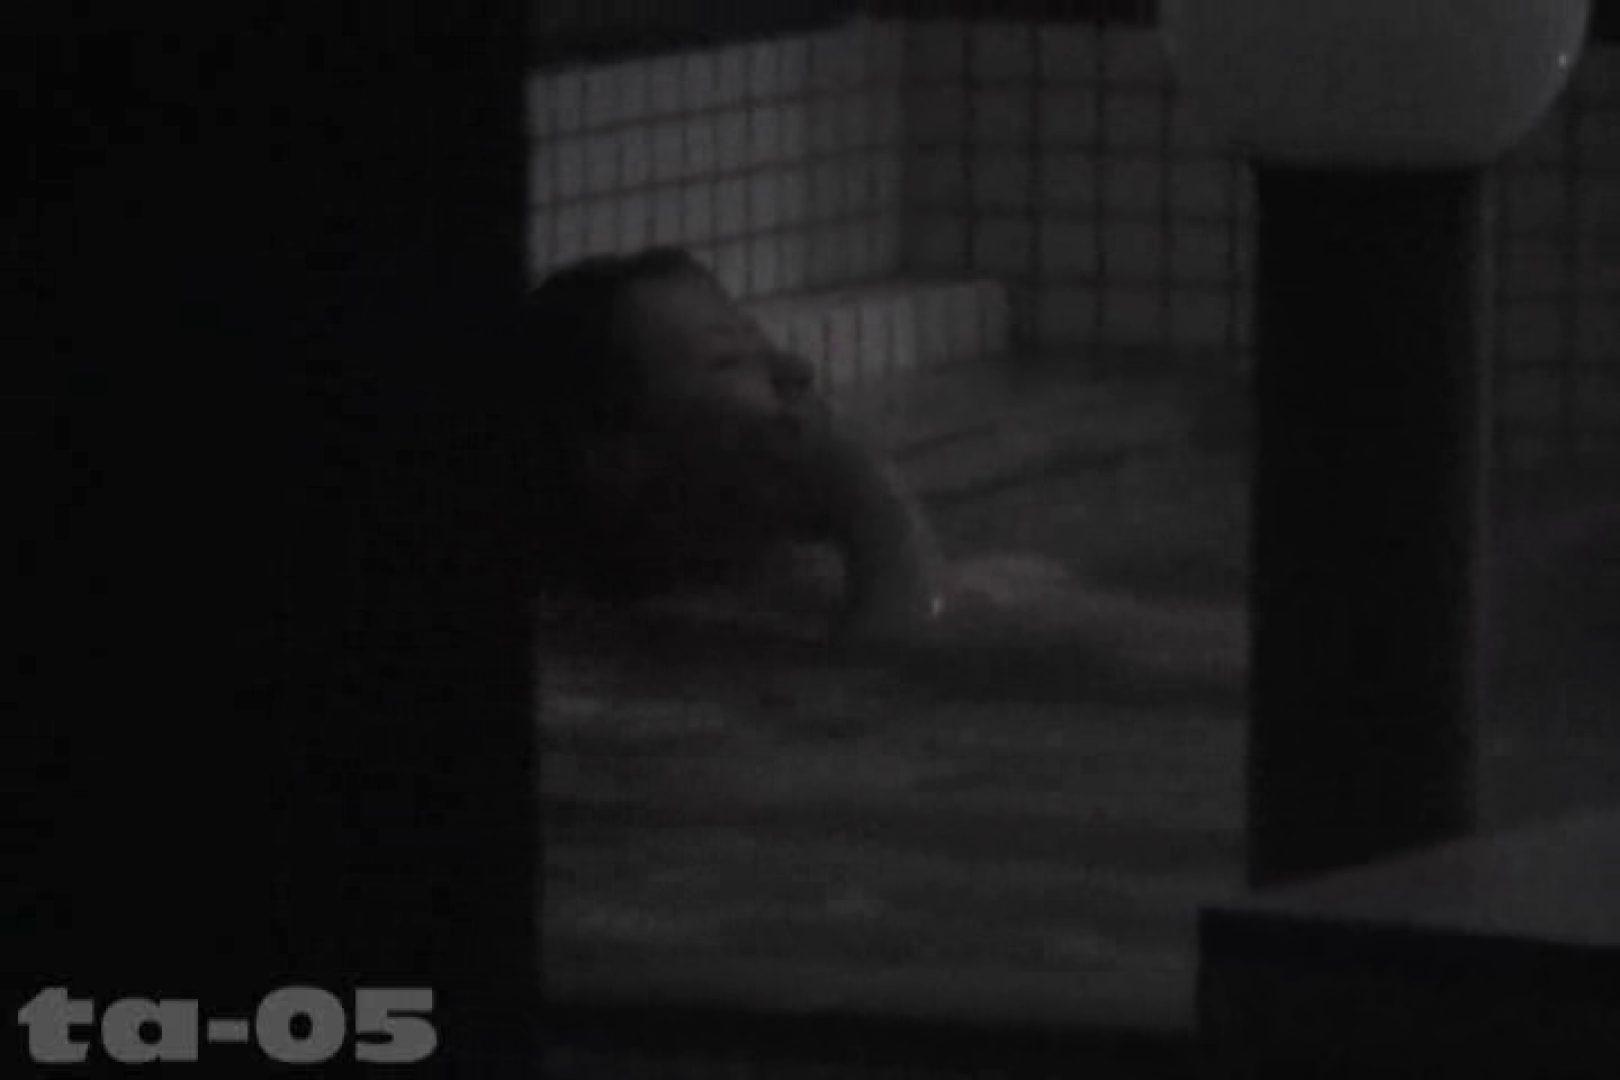 合宿ホテル女風呂盗撮高画質版 Vol.05 盗撮  100pic 24